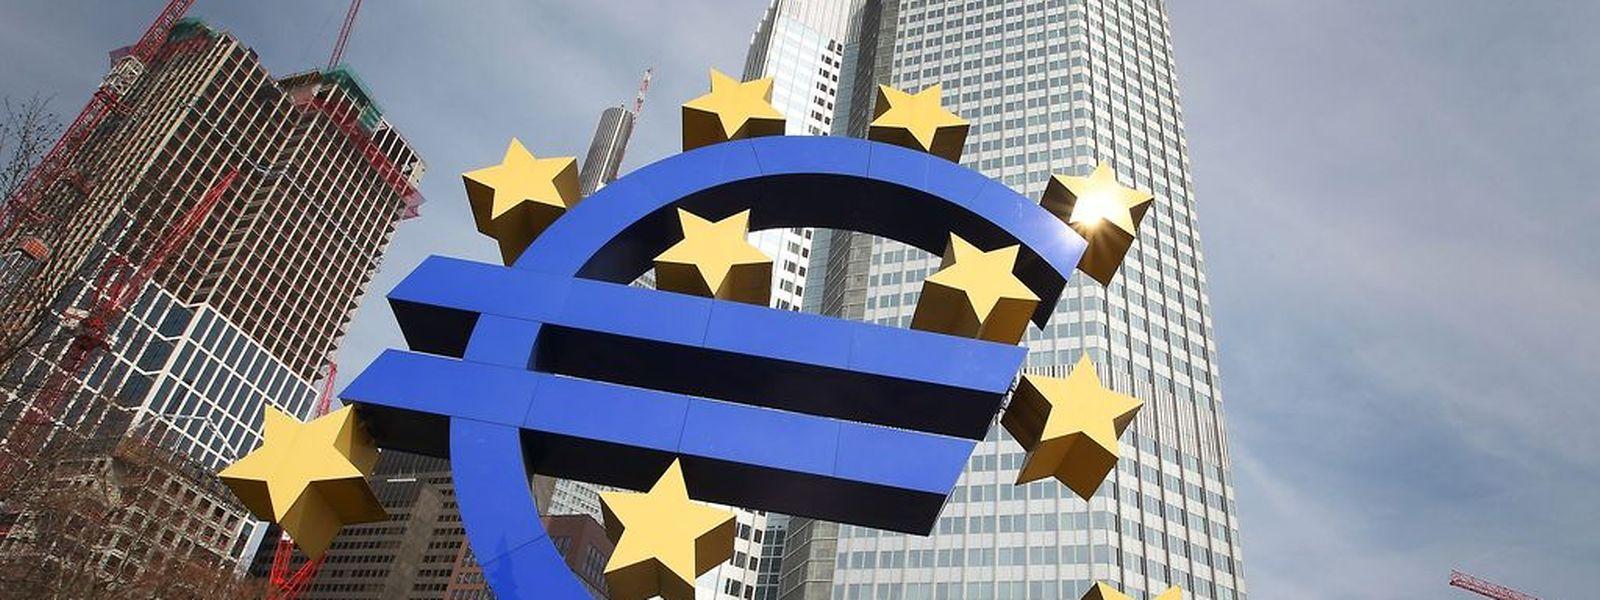 Luxemburg hat laut Regierung einen rechtlichen Anspruch auf den Sitz der Europäischen Bankenaufsicht.